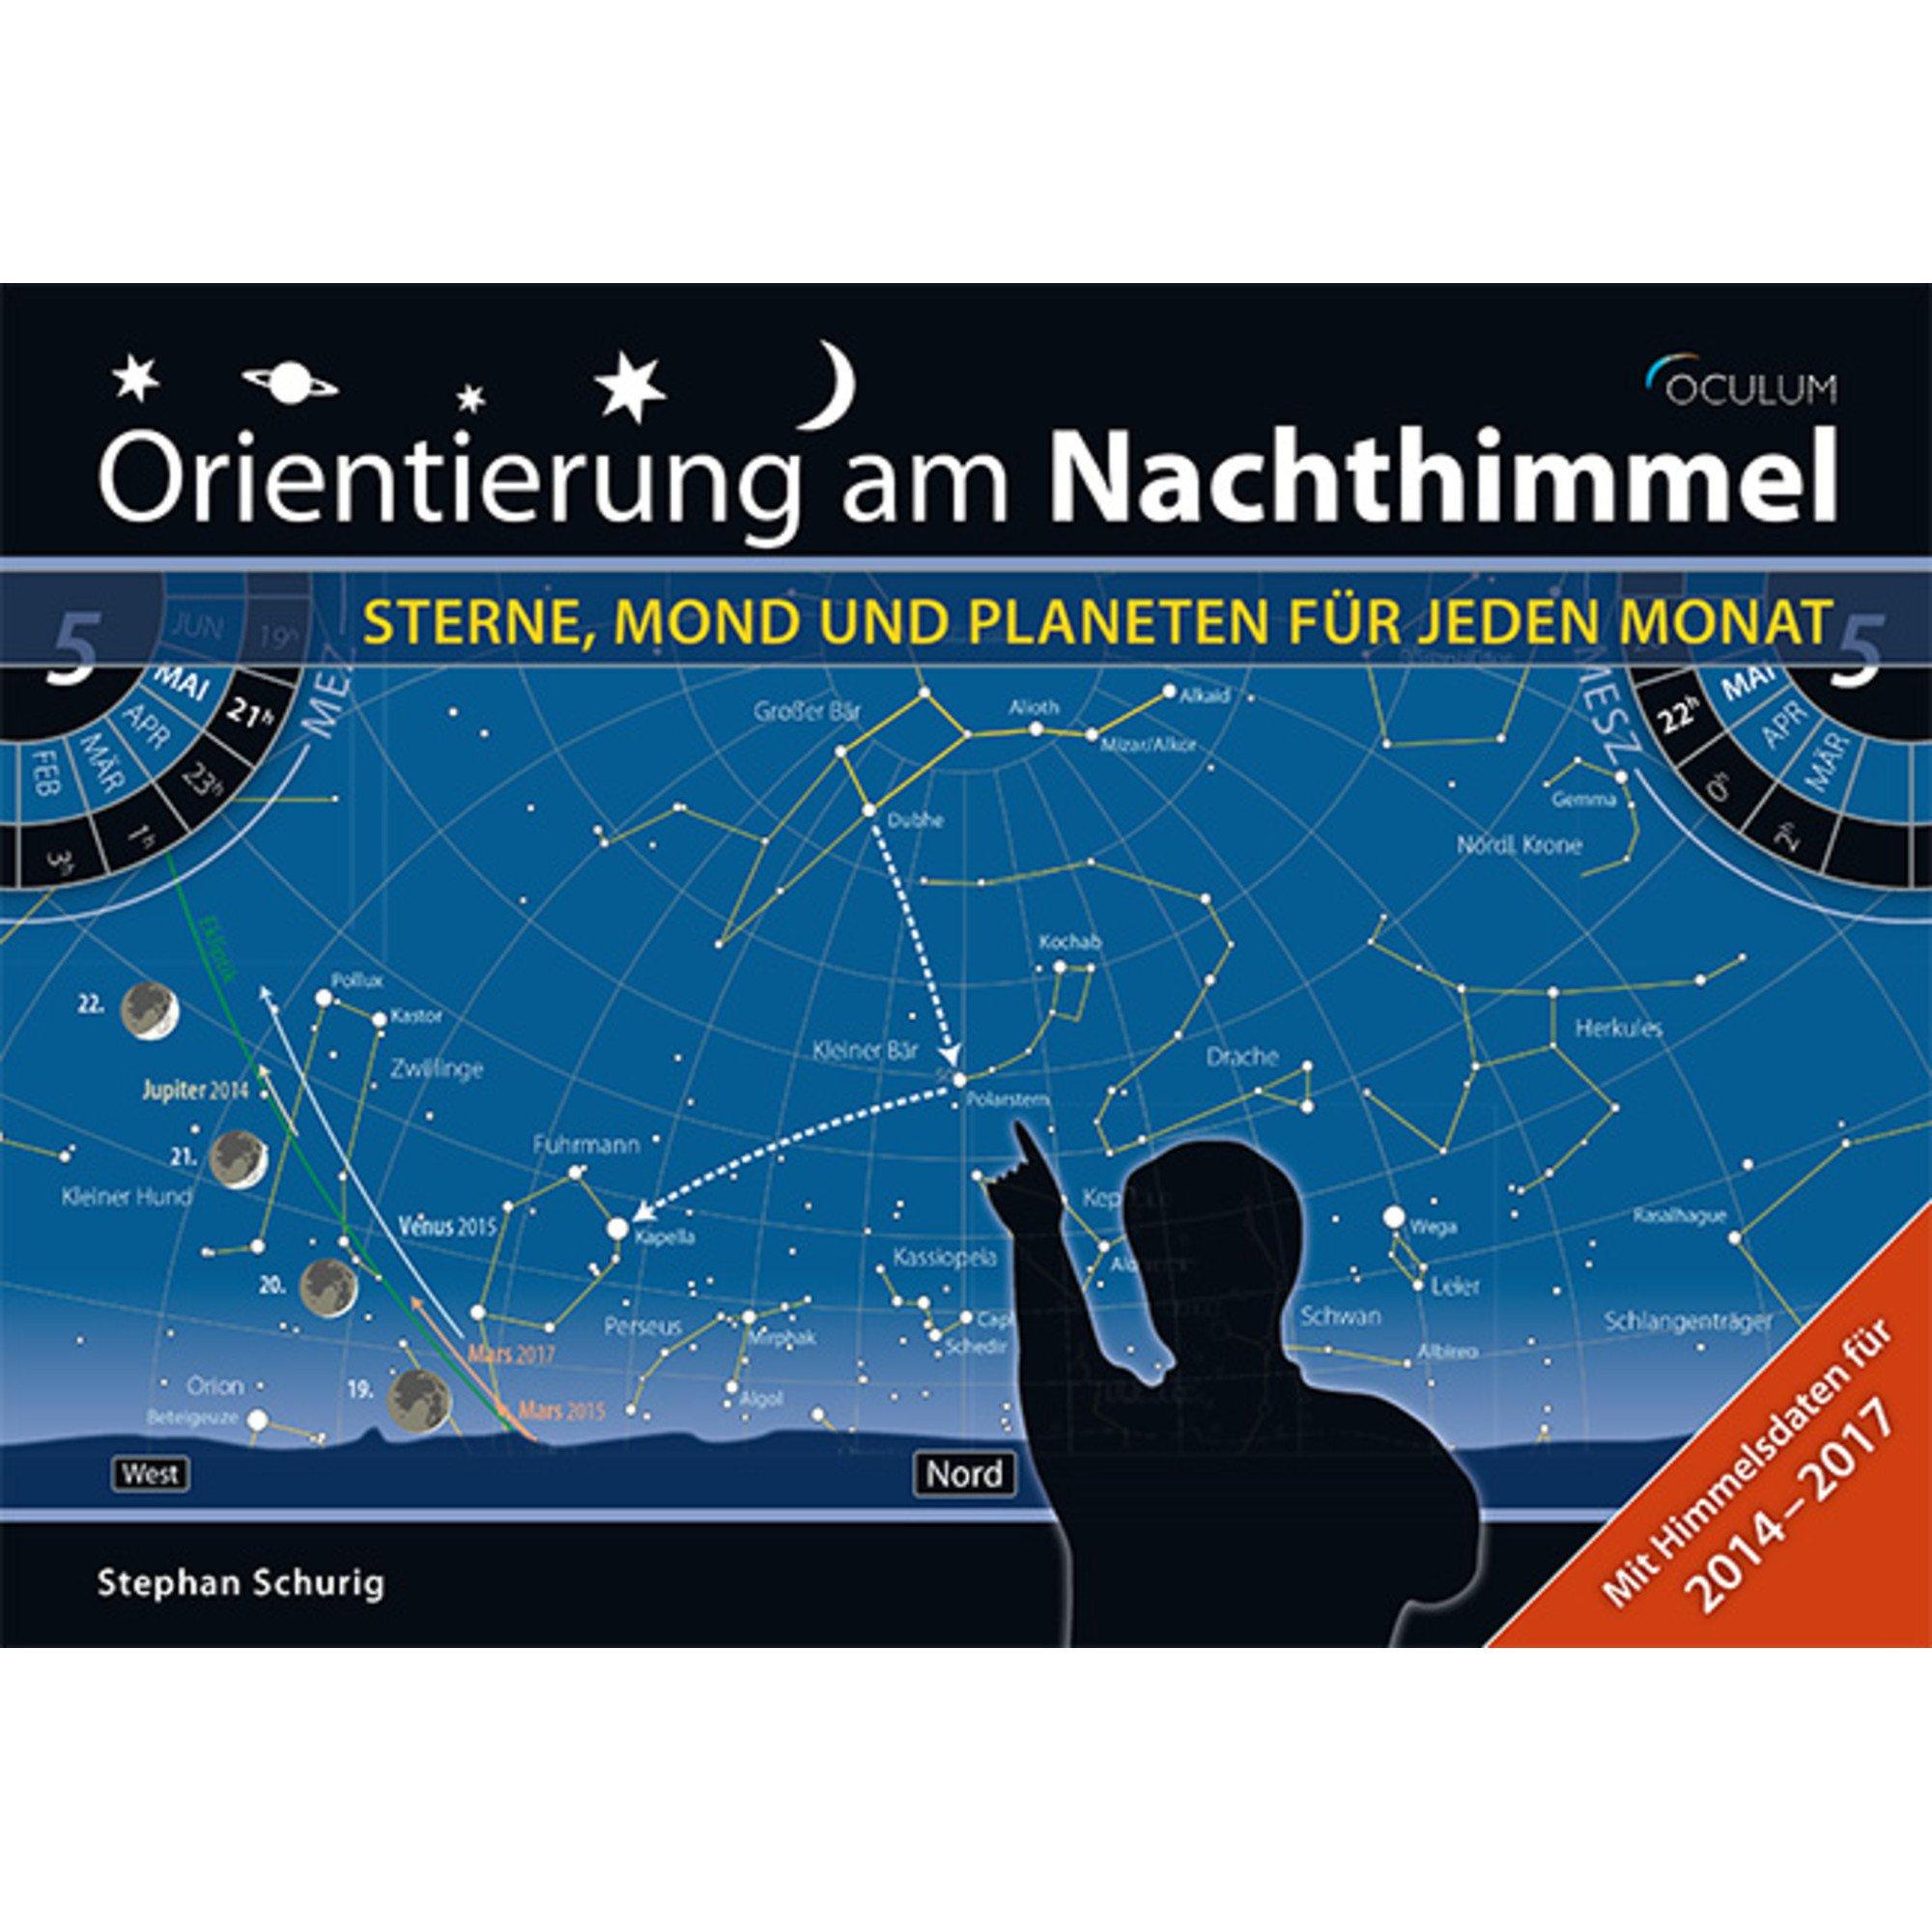 Orientierung am Nachthimmel: Sterne, Mond und Planeten für jeden Monat